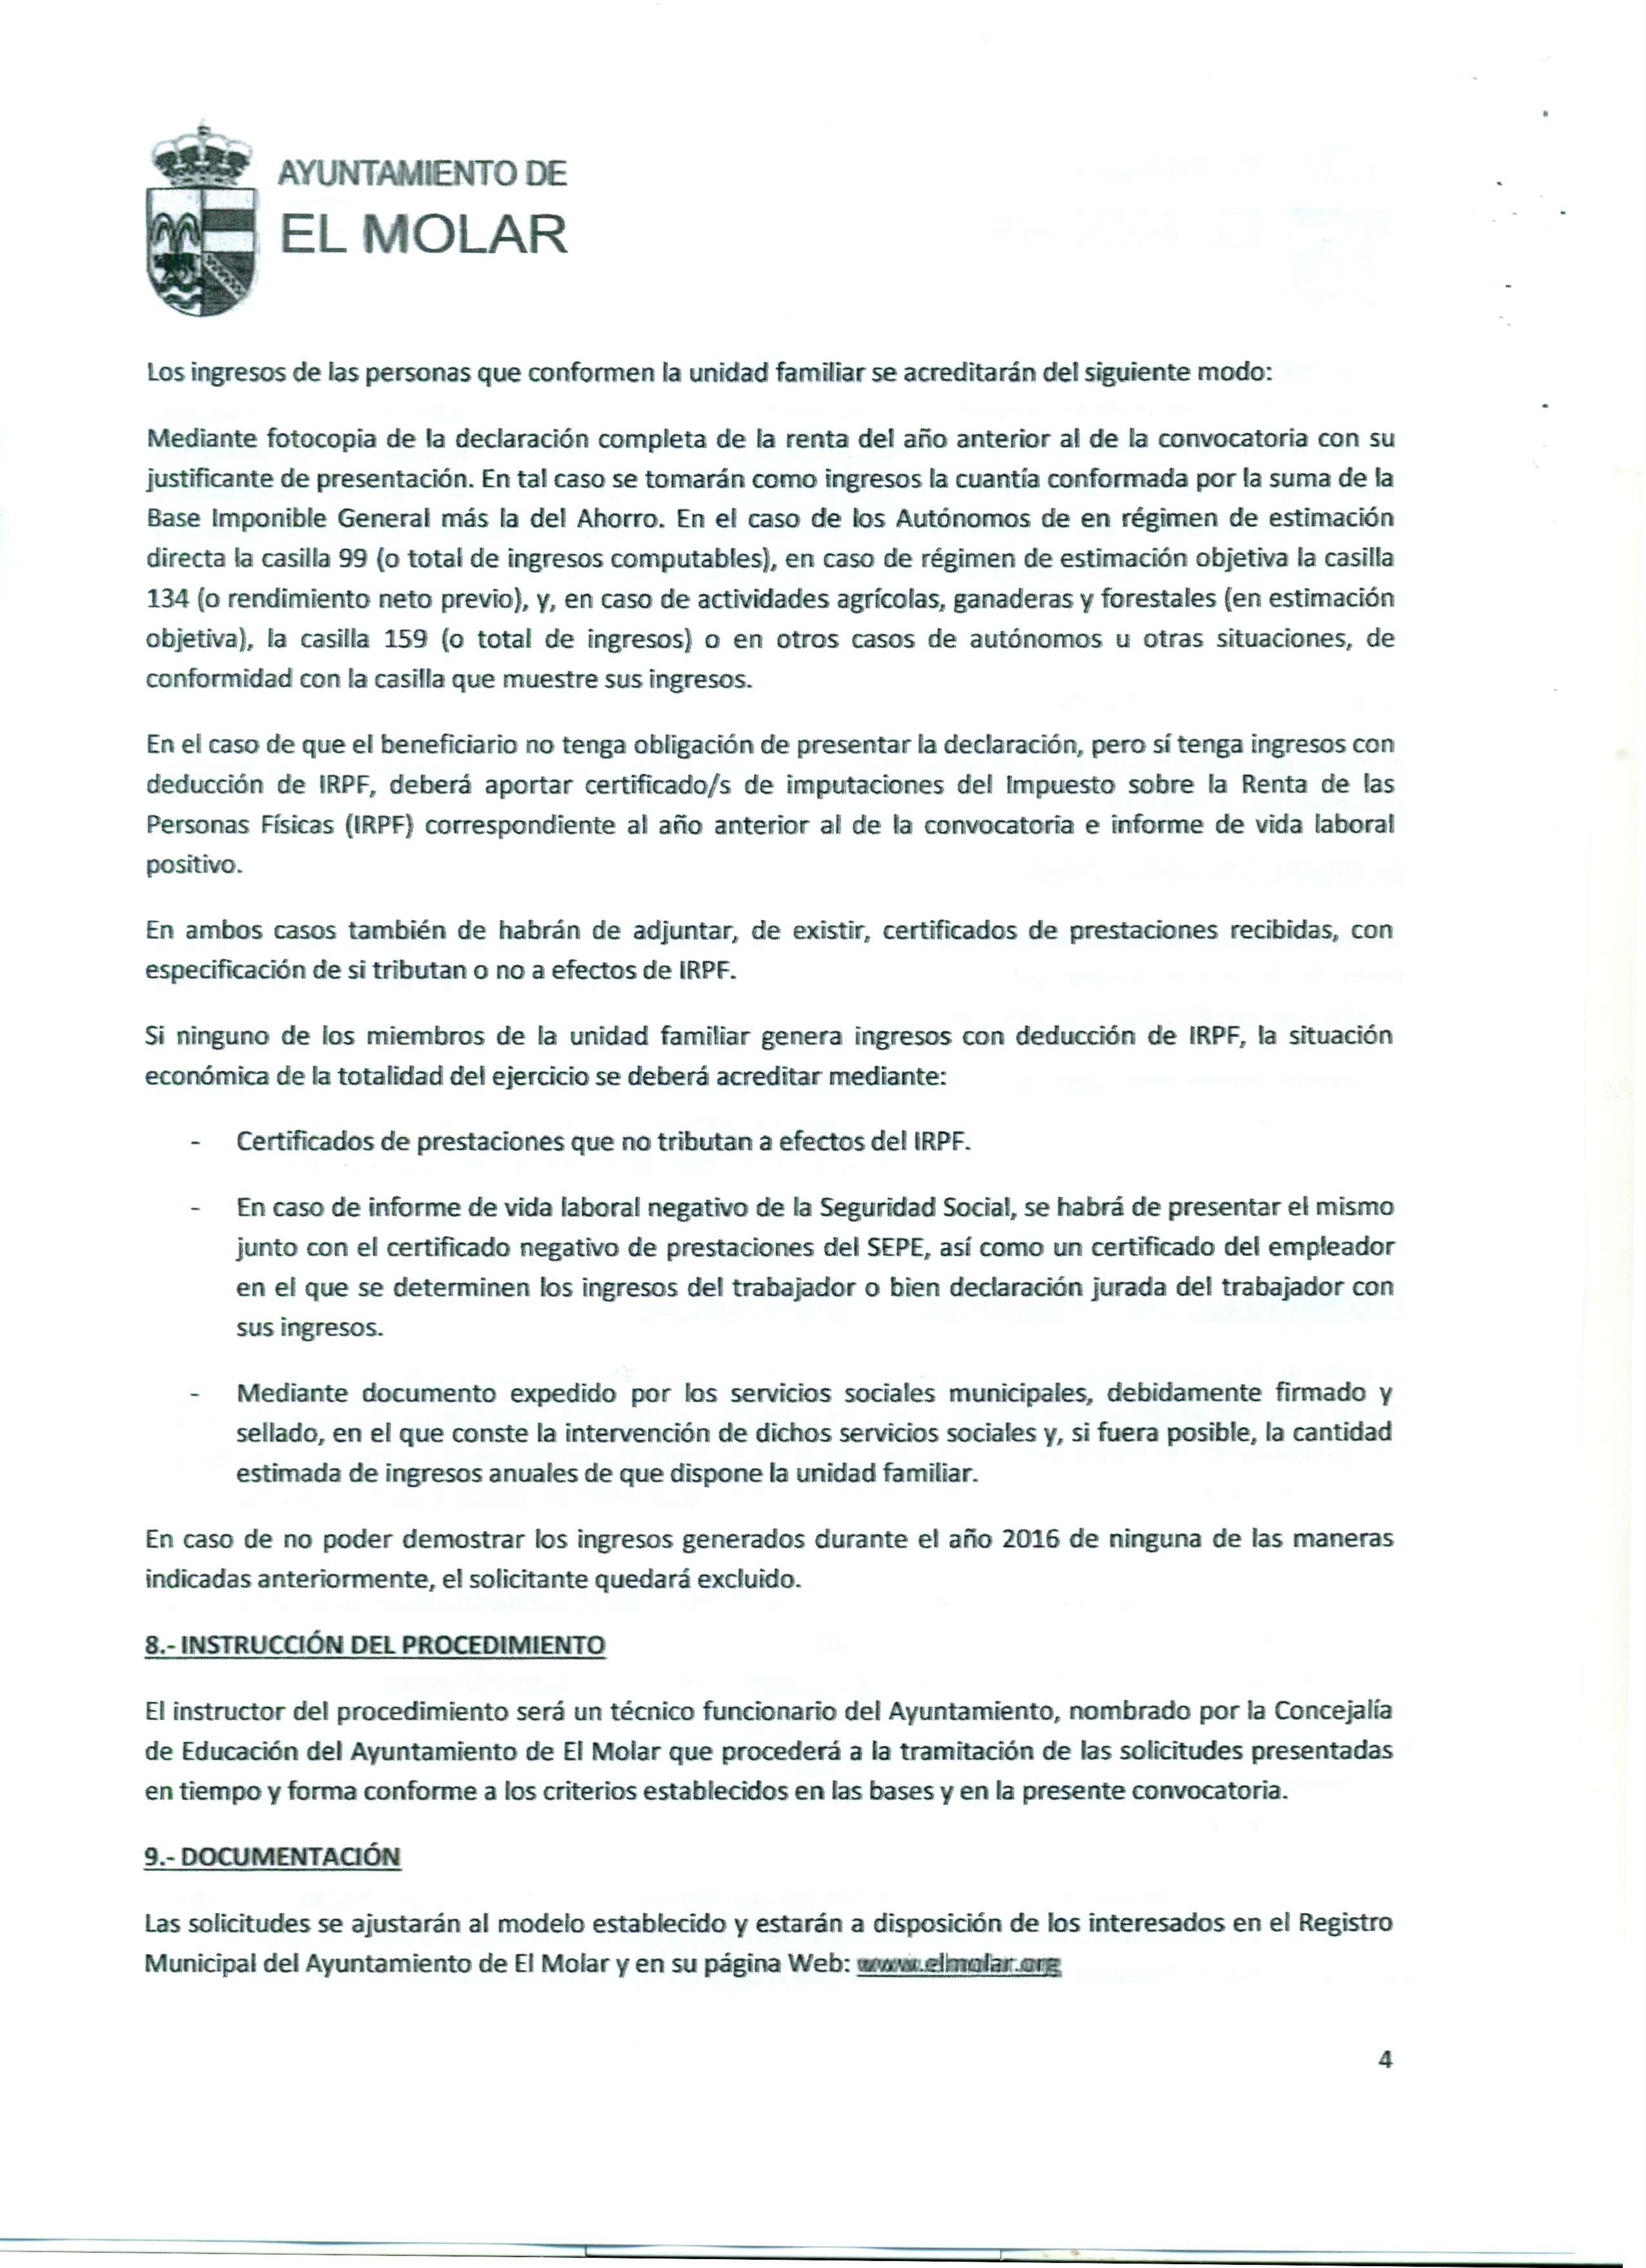 Convocatoria de ayudas económicas, que otorga la Concejalía de Educación del Ayuntamiento de El Molar, para la adquisición de libros de texto para el curso académico 2017-2018 4